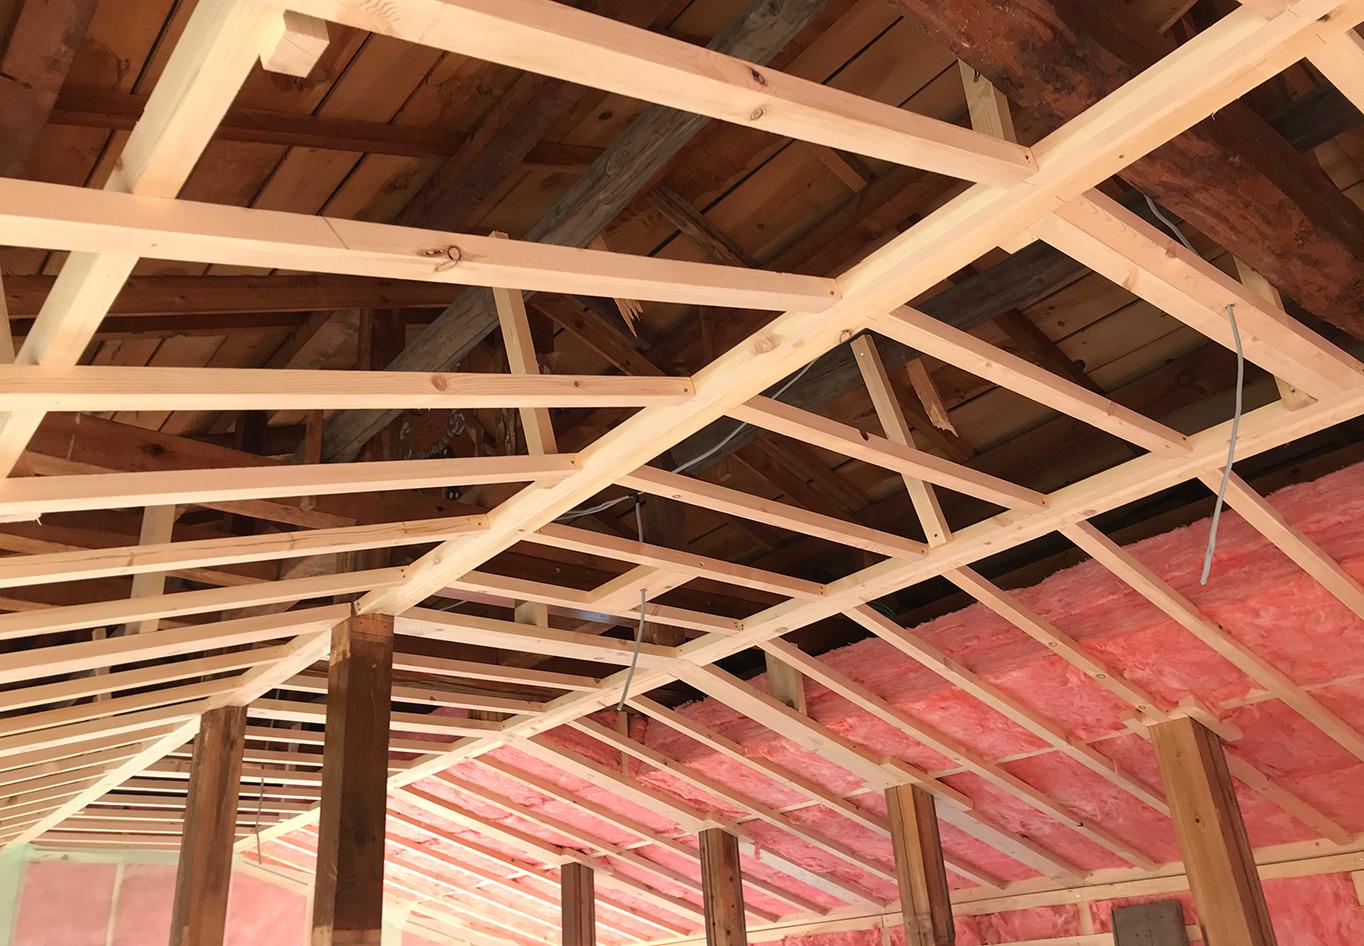 戸建リフォーム・リノベーション 耐震補強や断熱施工薪ストーブ設置工事